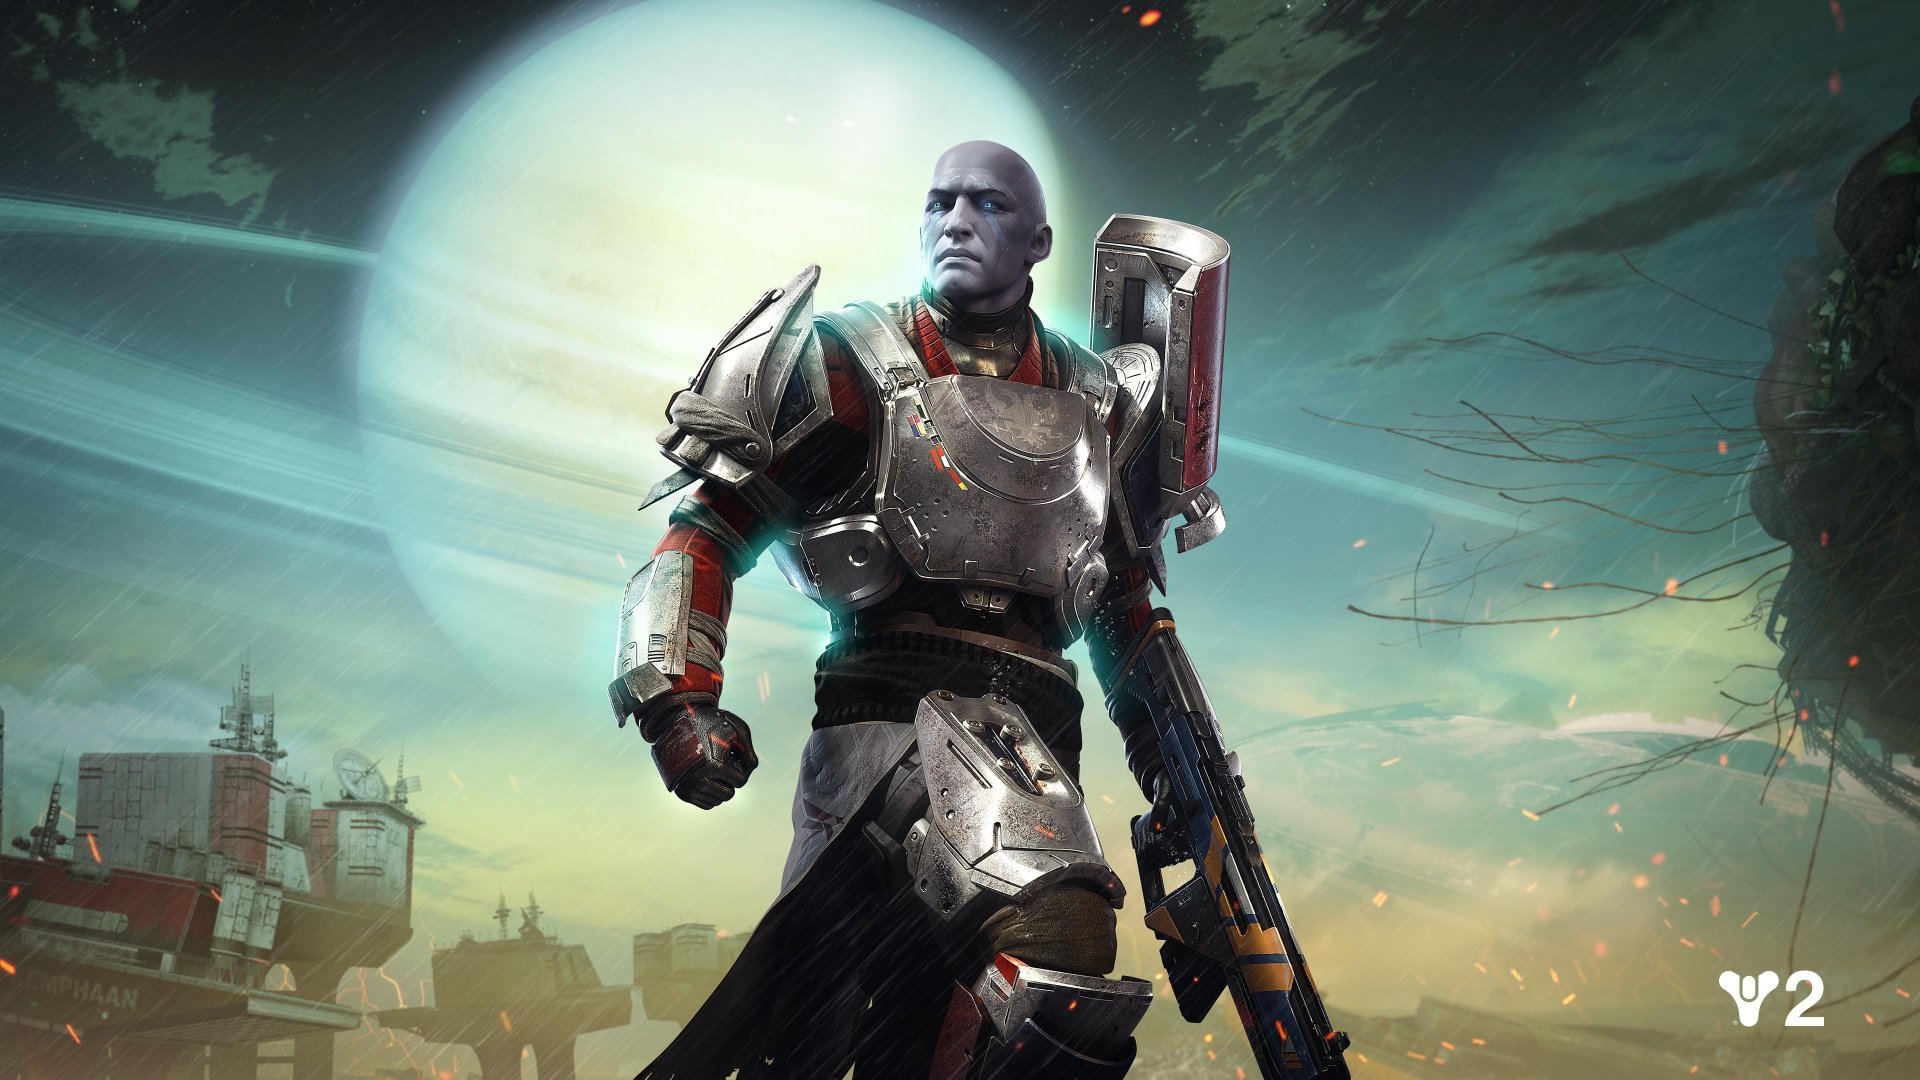 Fondos de pantalla de Destiny 2, Wallpapers HD